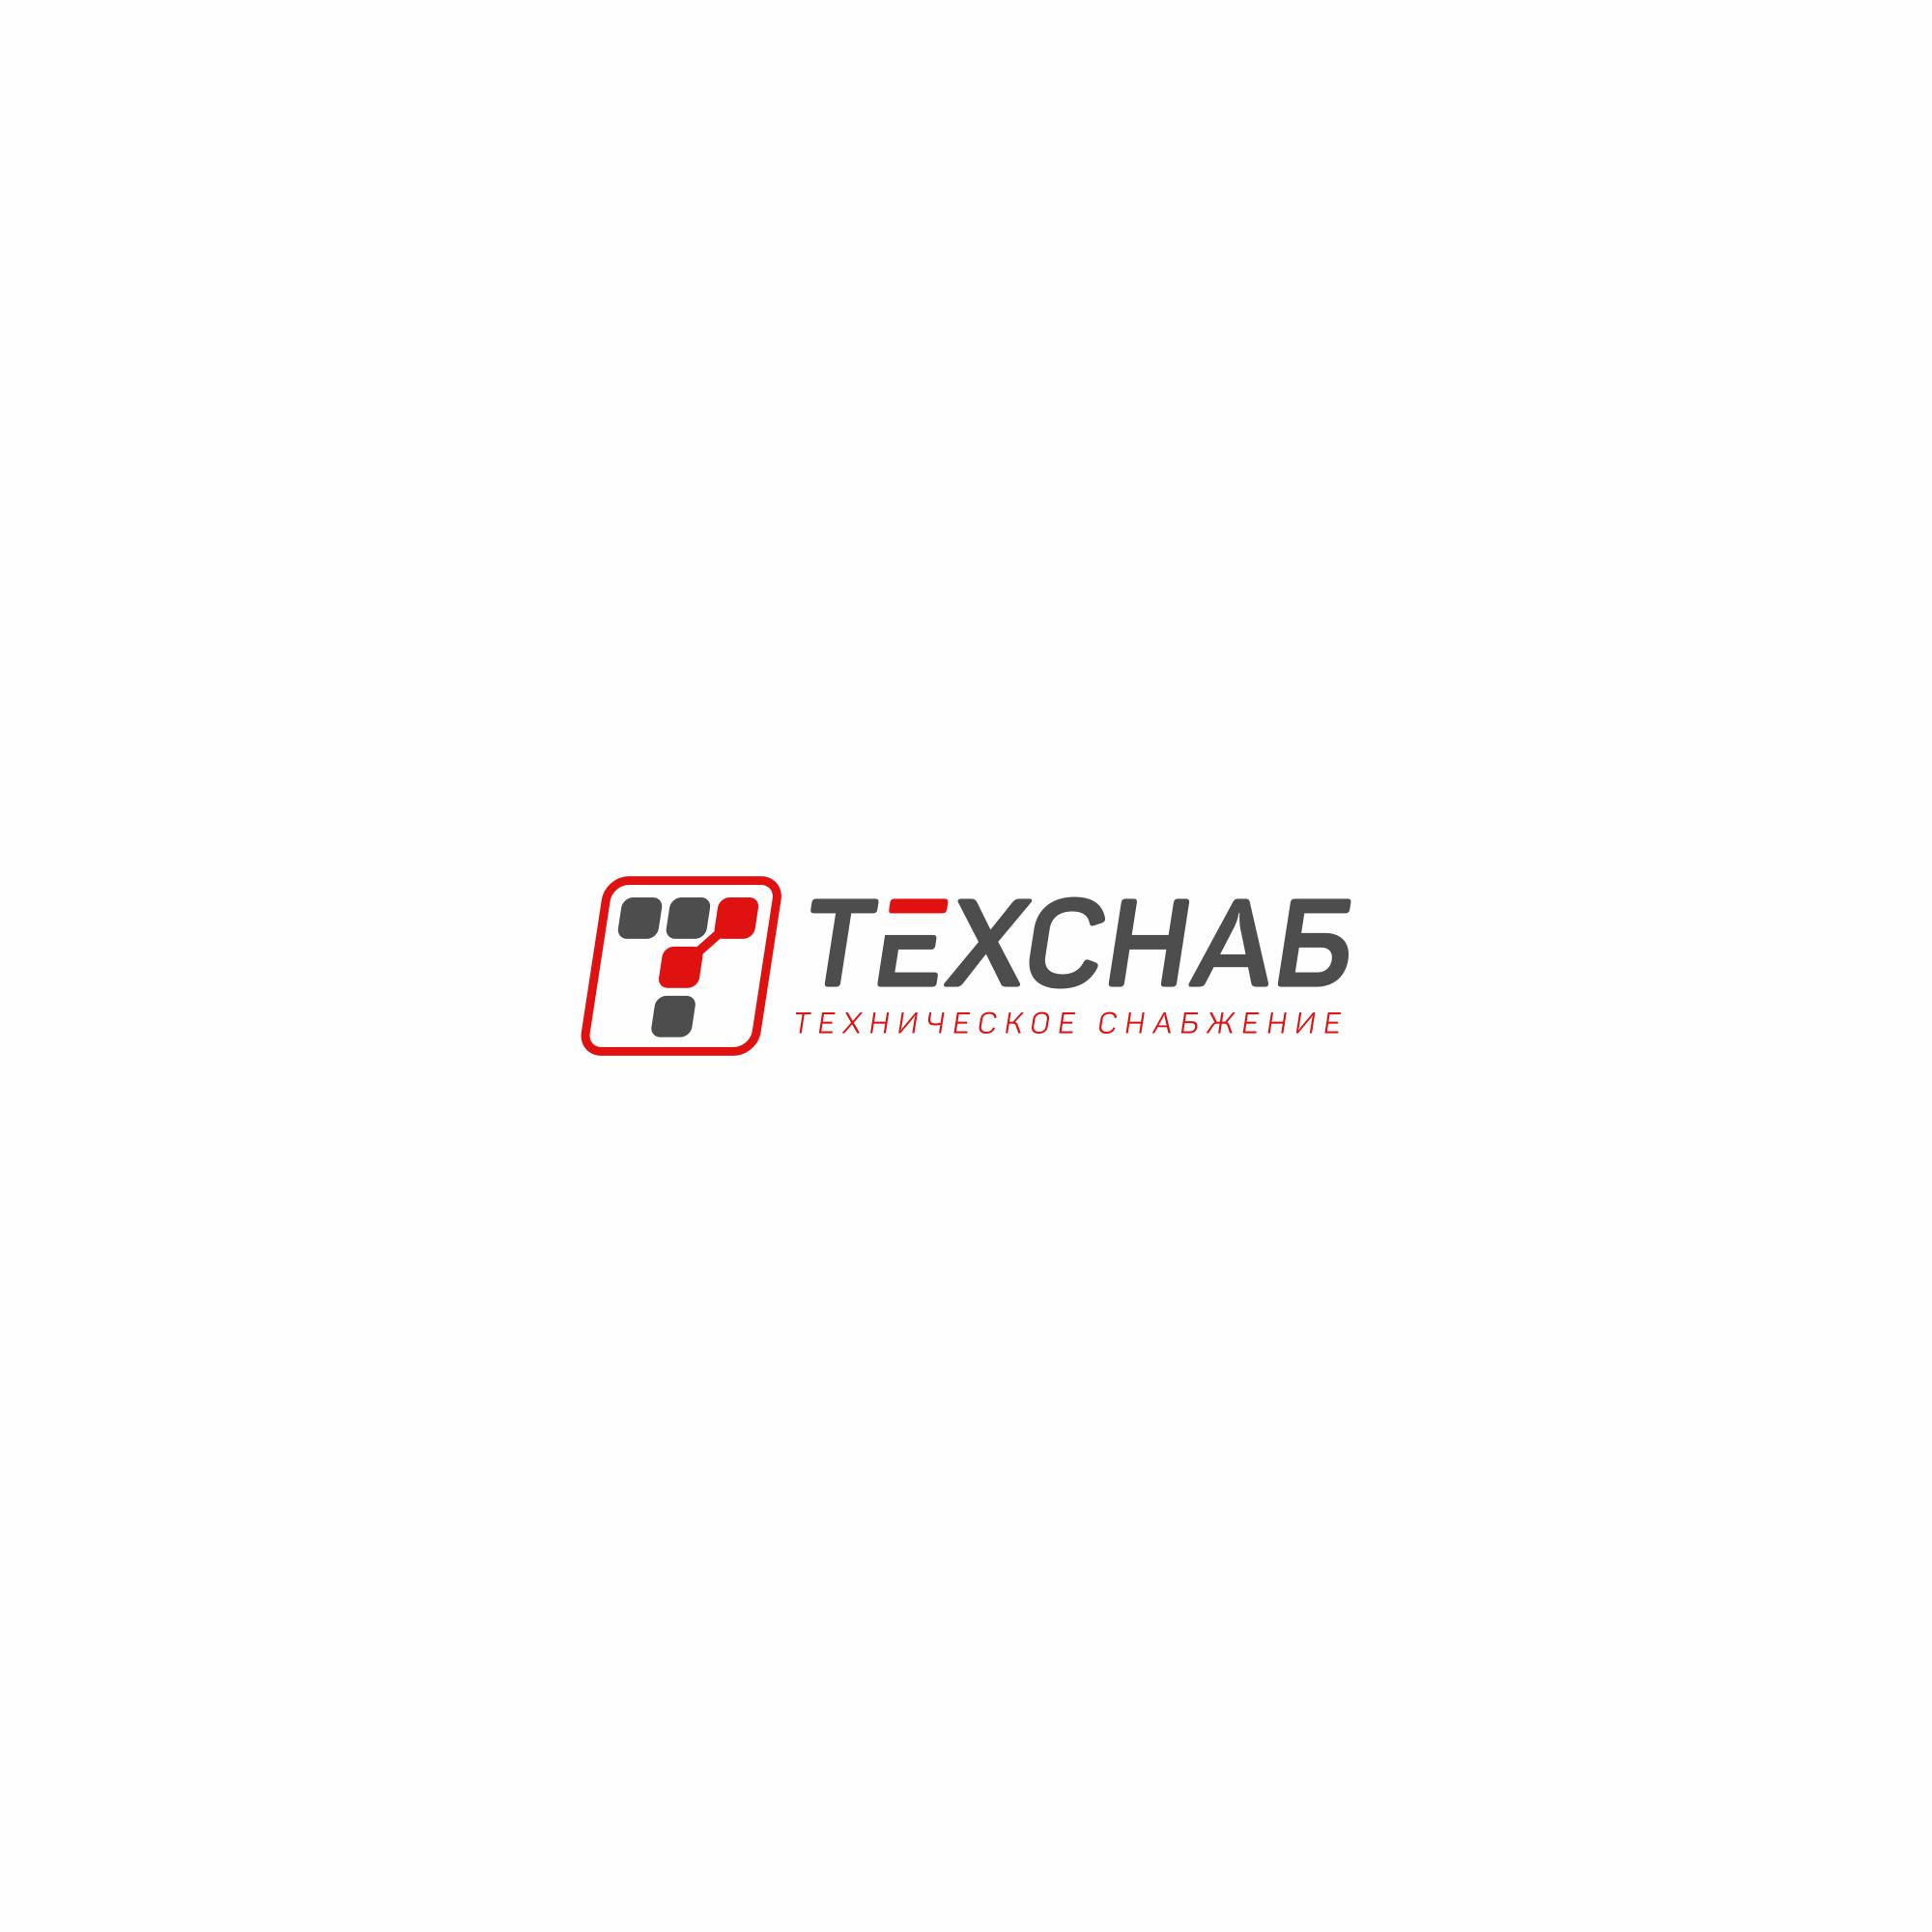 Разработка логотипа и фирм. стиля компании  ТЕХСНАБ фото f_4505b220e67236ff.jpg